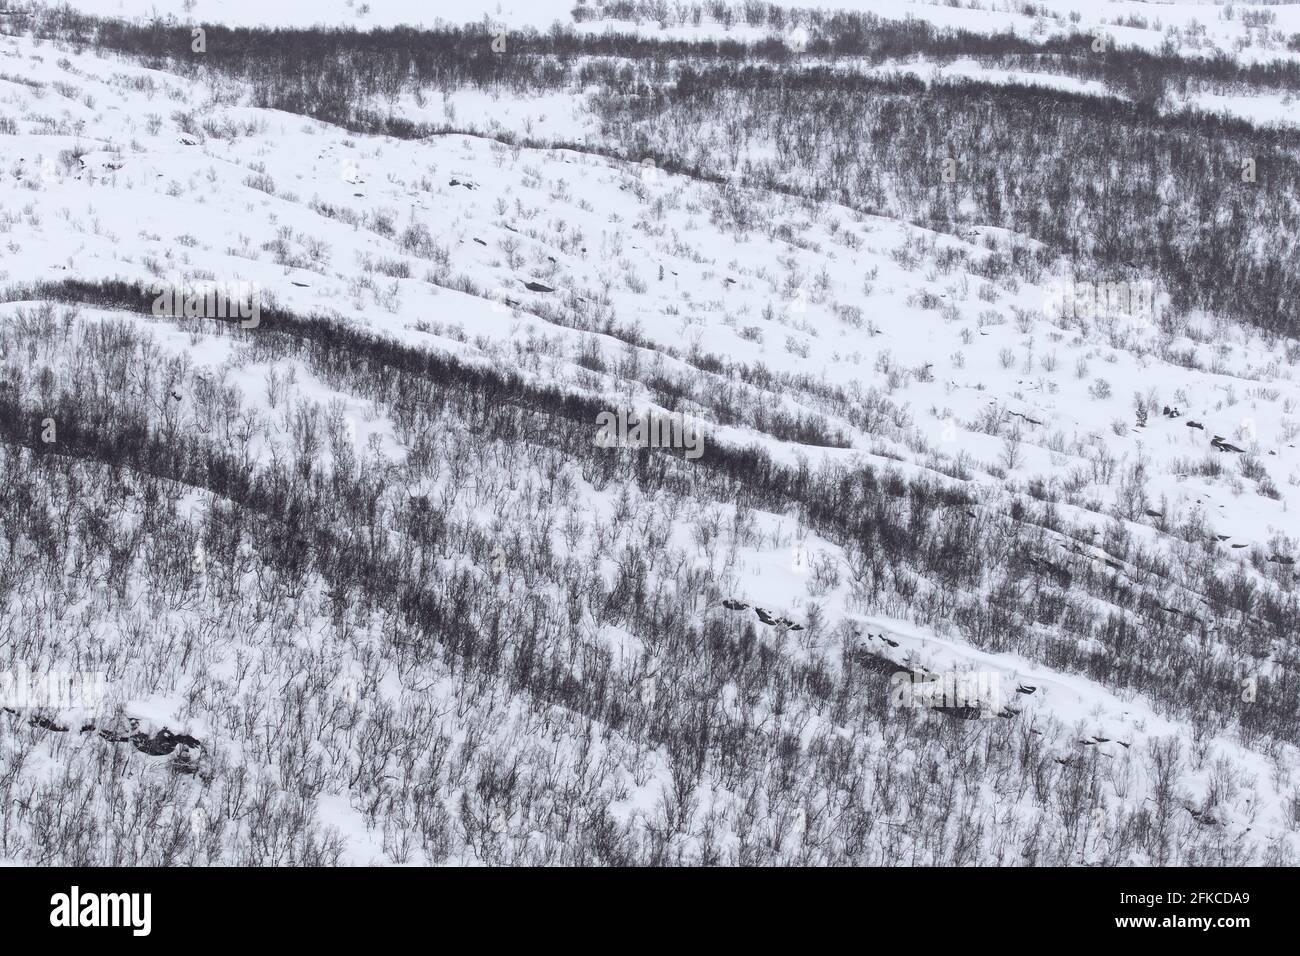 Vue aérienne sur les bouleaux dans la neige de la taïga/forêt boréale en hiver, parc national Dovrefjell–Sunndalsfjella, Norvège Banque D'Images